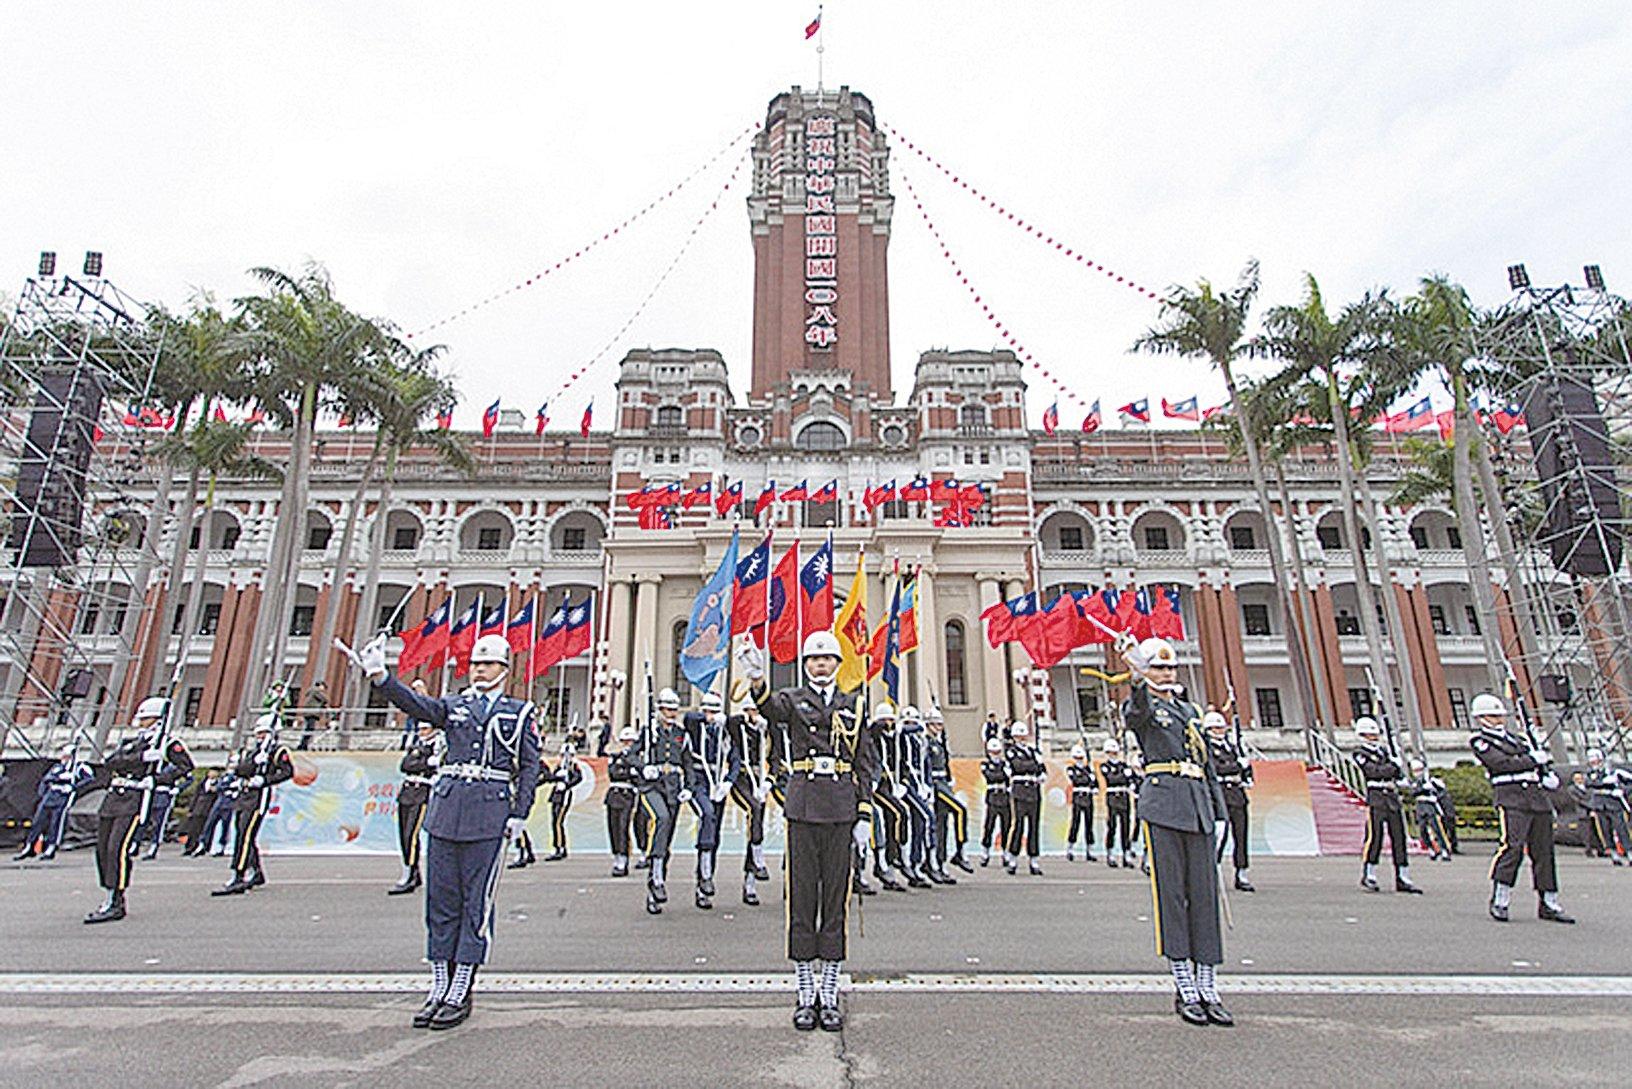 2018年12 月30 日下午,中華民國三軍儀隊為兩天後舉行的總統府升旗典禮進行總綵排。(軍聞社提供/ 中央社)